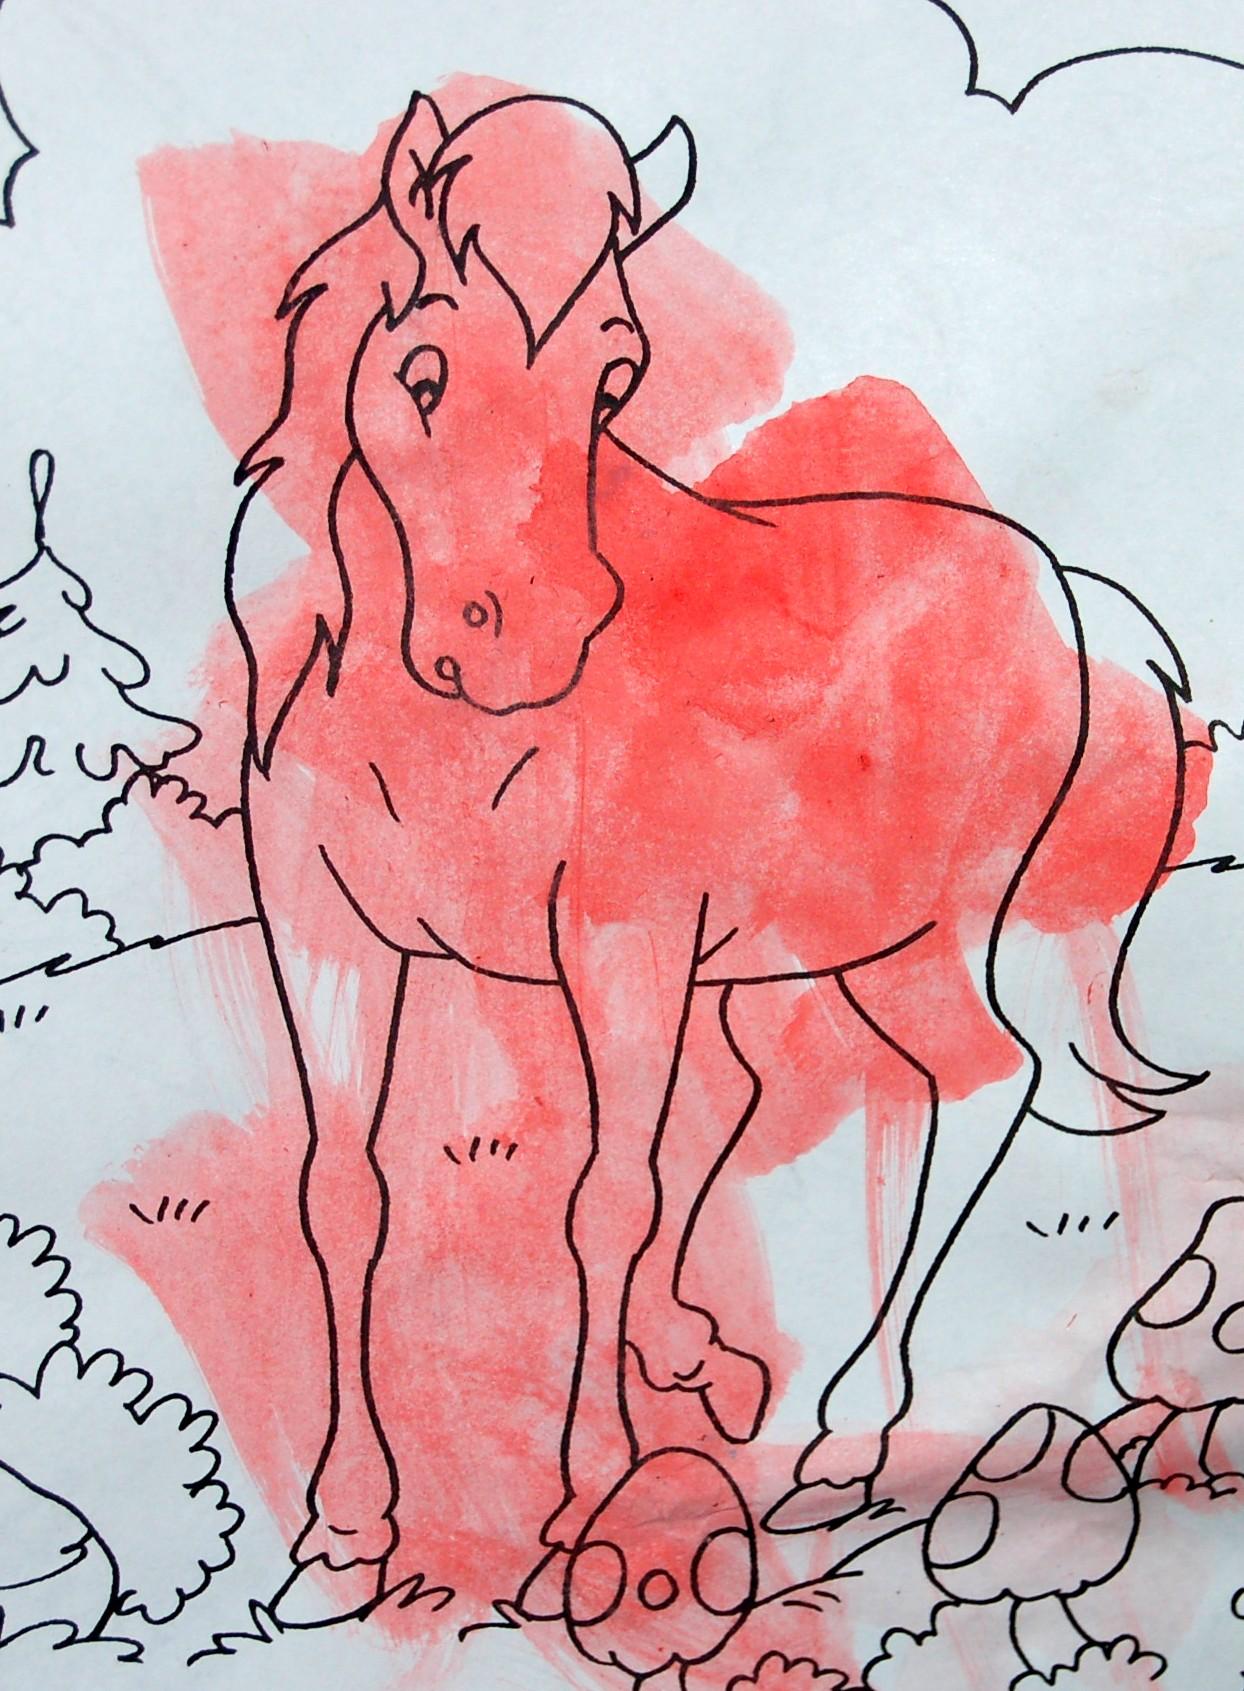 Amato Furia il cavallo del West: lavoretti e disegni sui cavalli | GU11